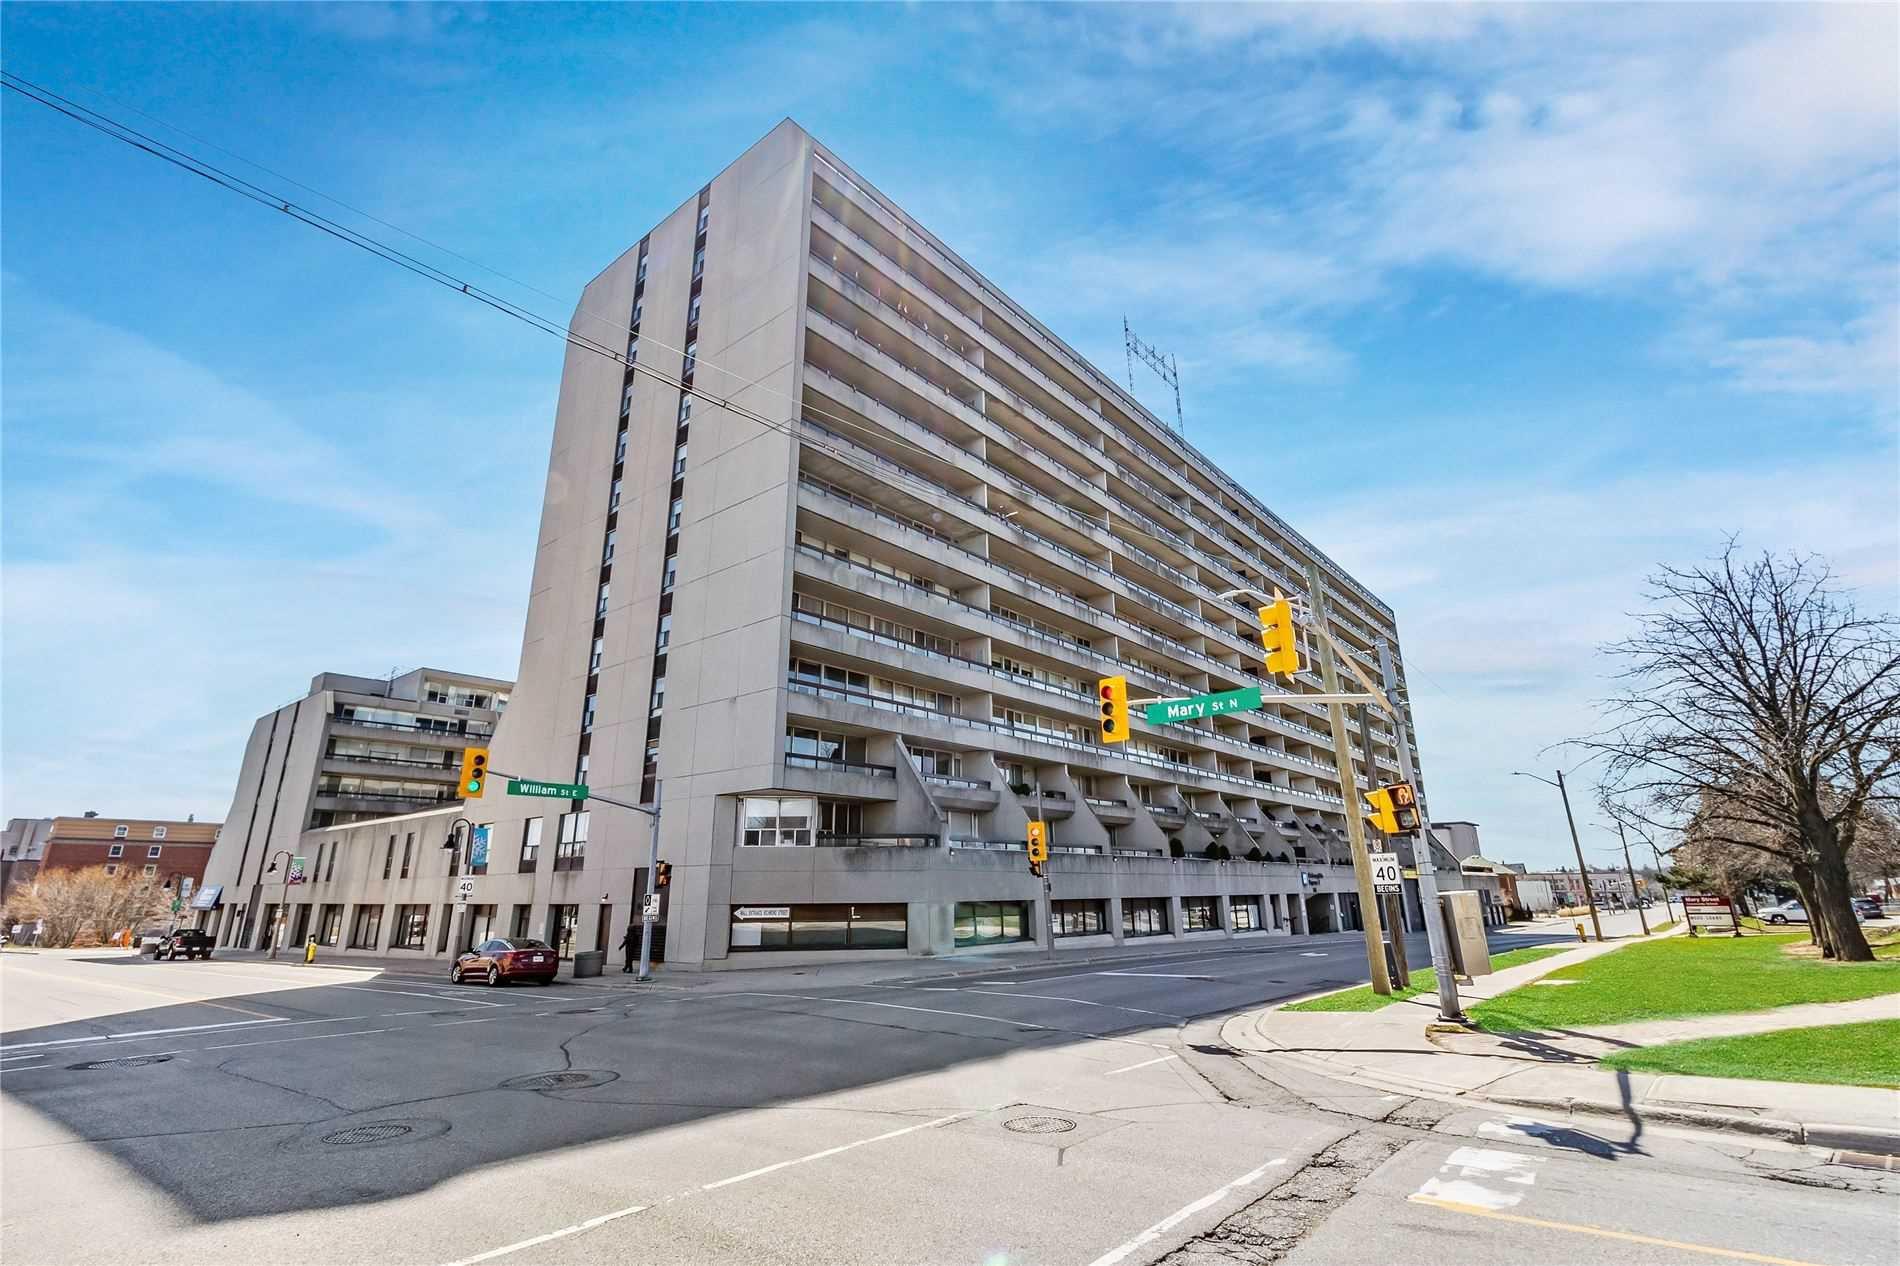 Main Photo: 305 55 E William Street in Oshawa: O'Neill Condo for sale : MLS®# E4747876